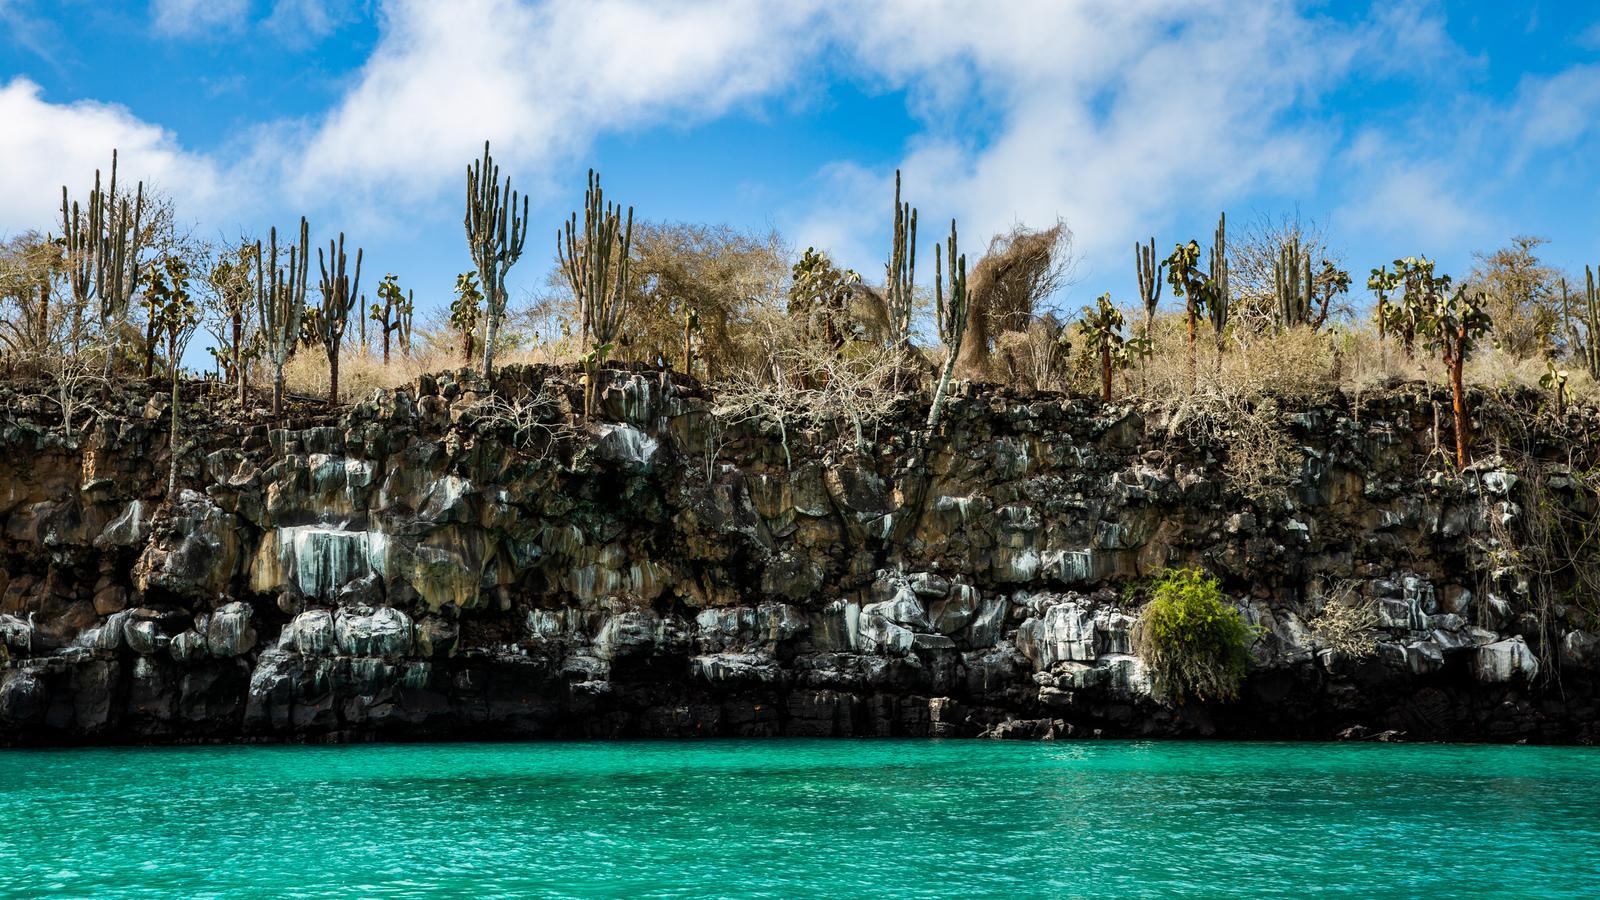 Galápagos Adventure: Snorkelling & Sea Lions